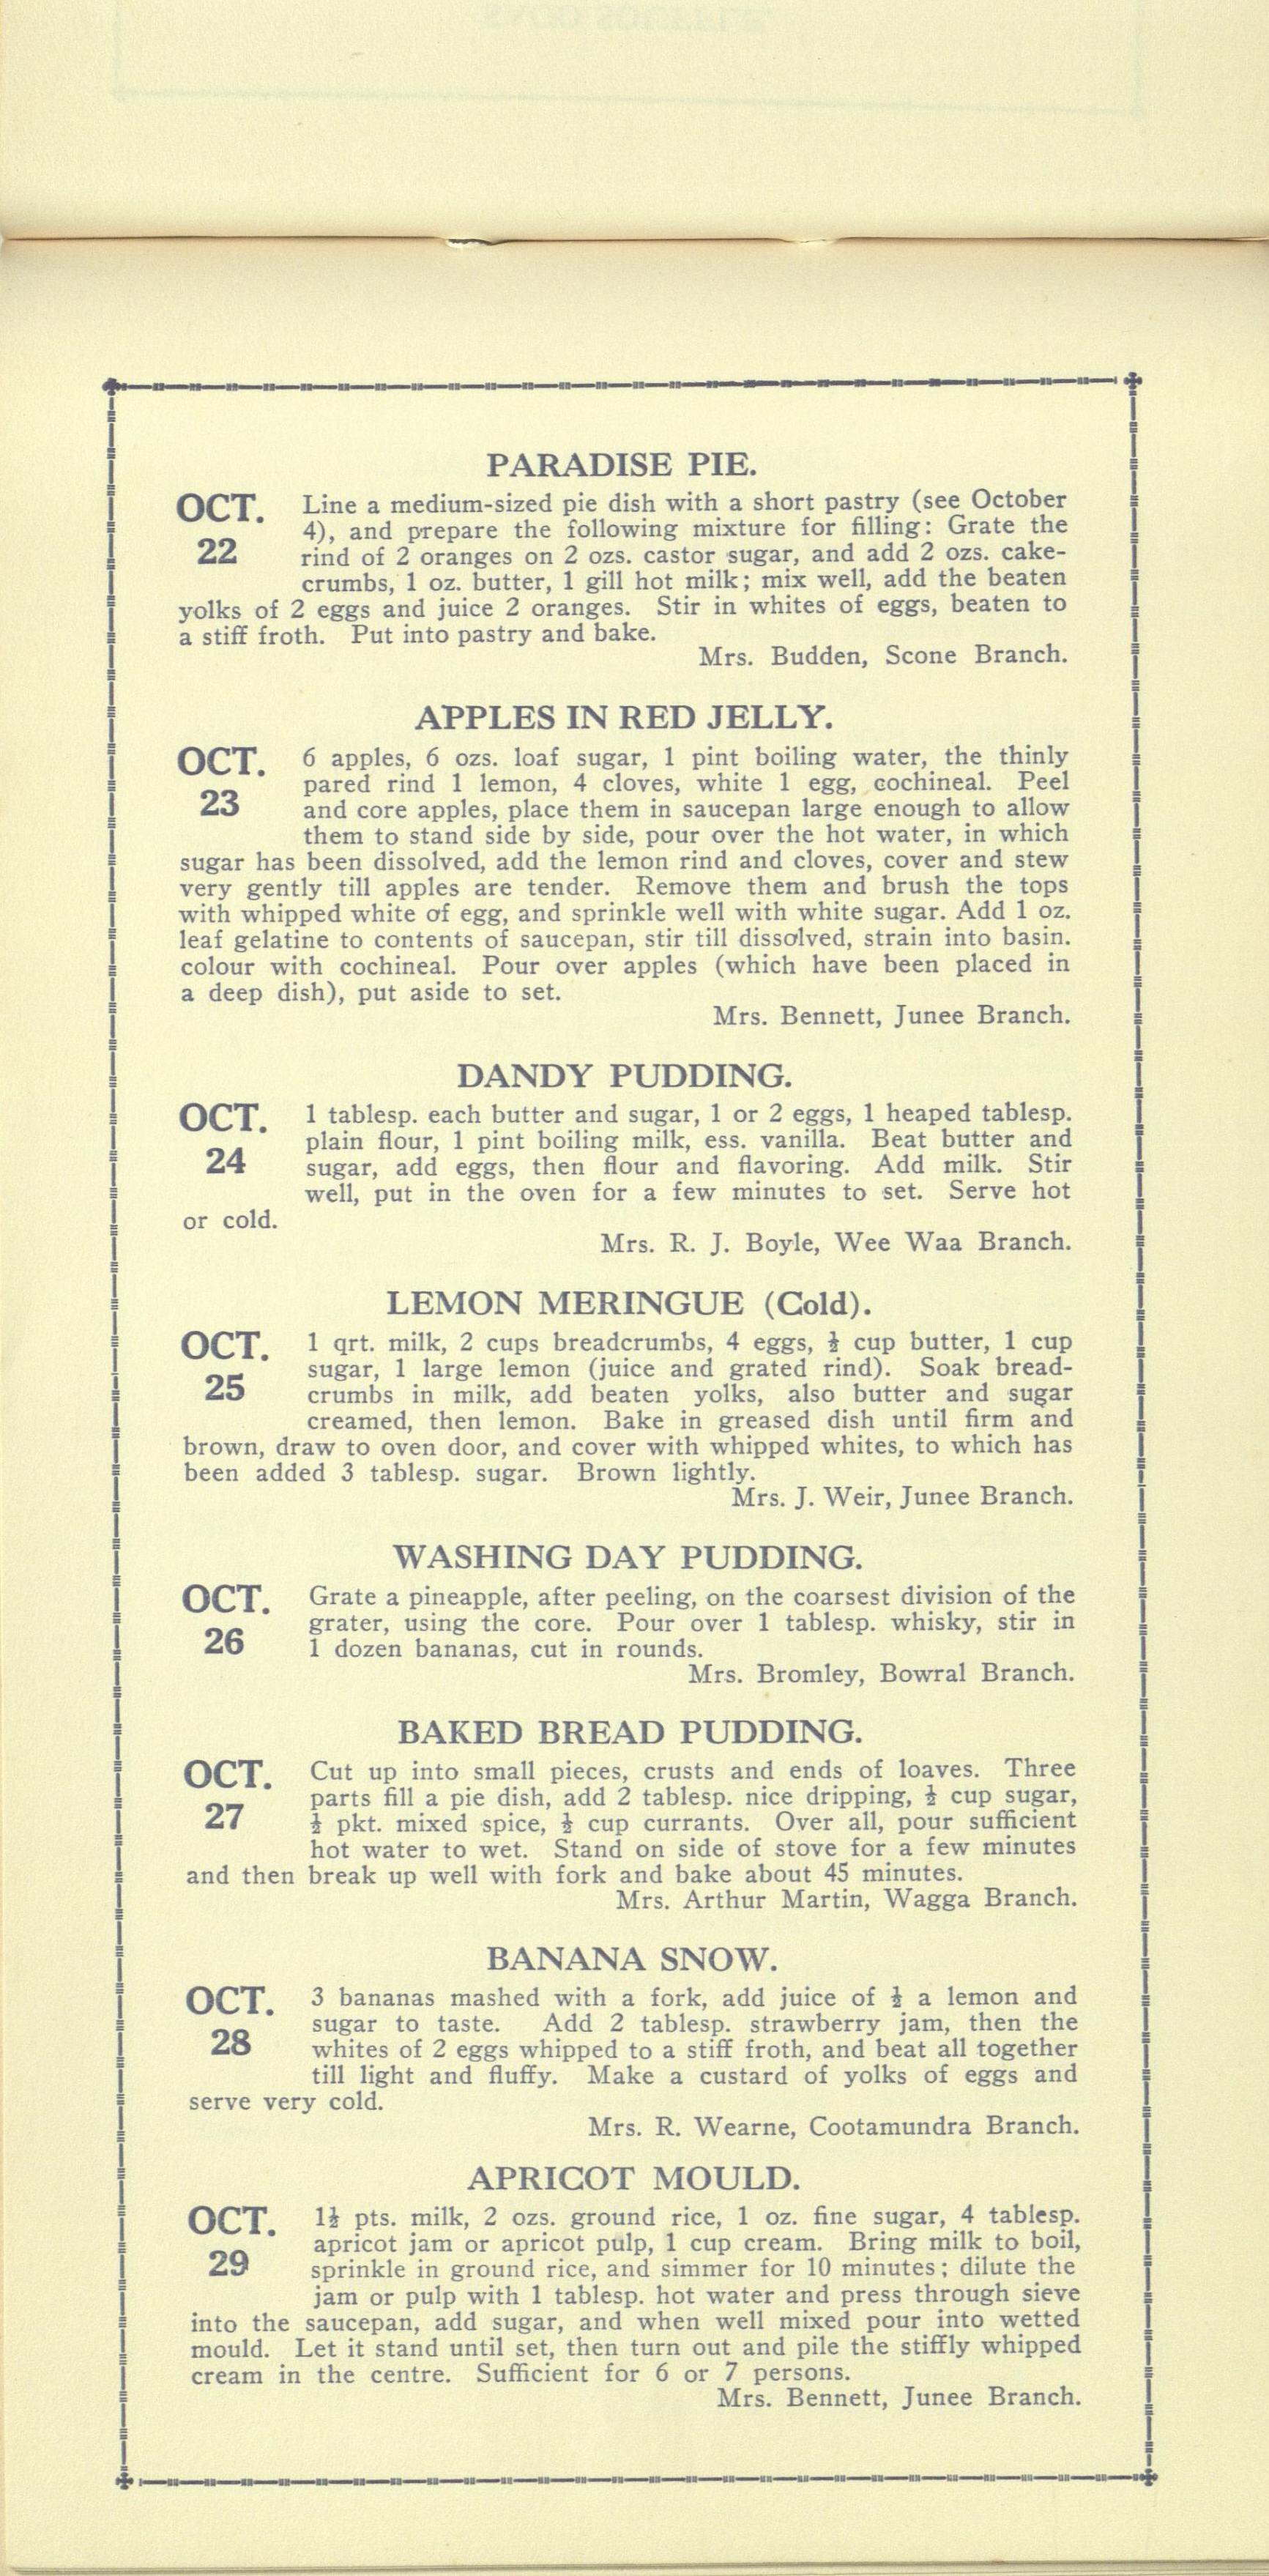 Pudding Calendar 22 Oct - 28 Oct